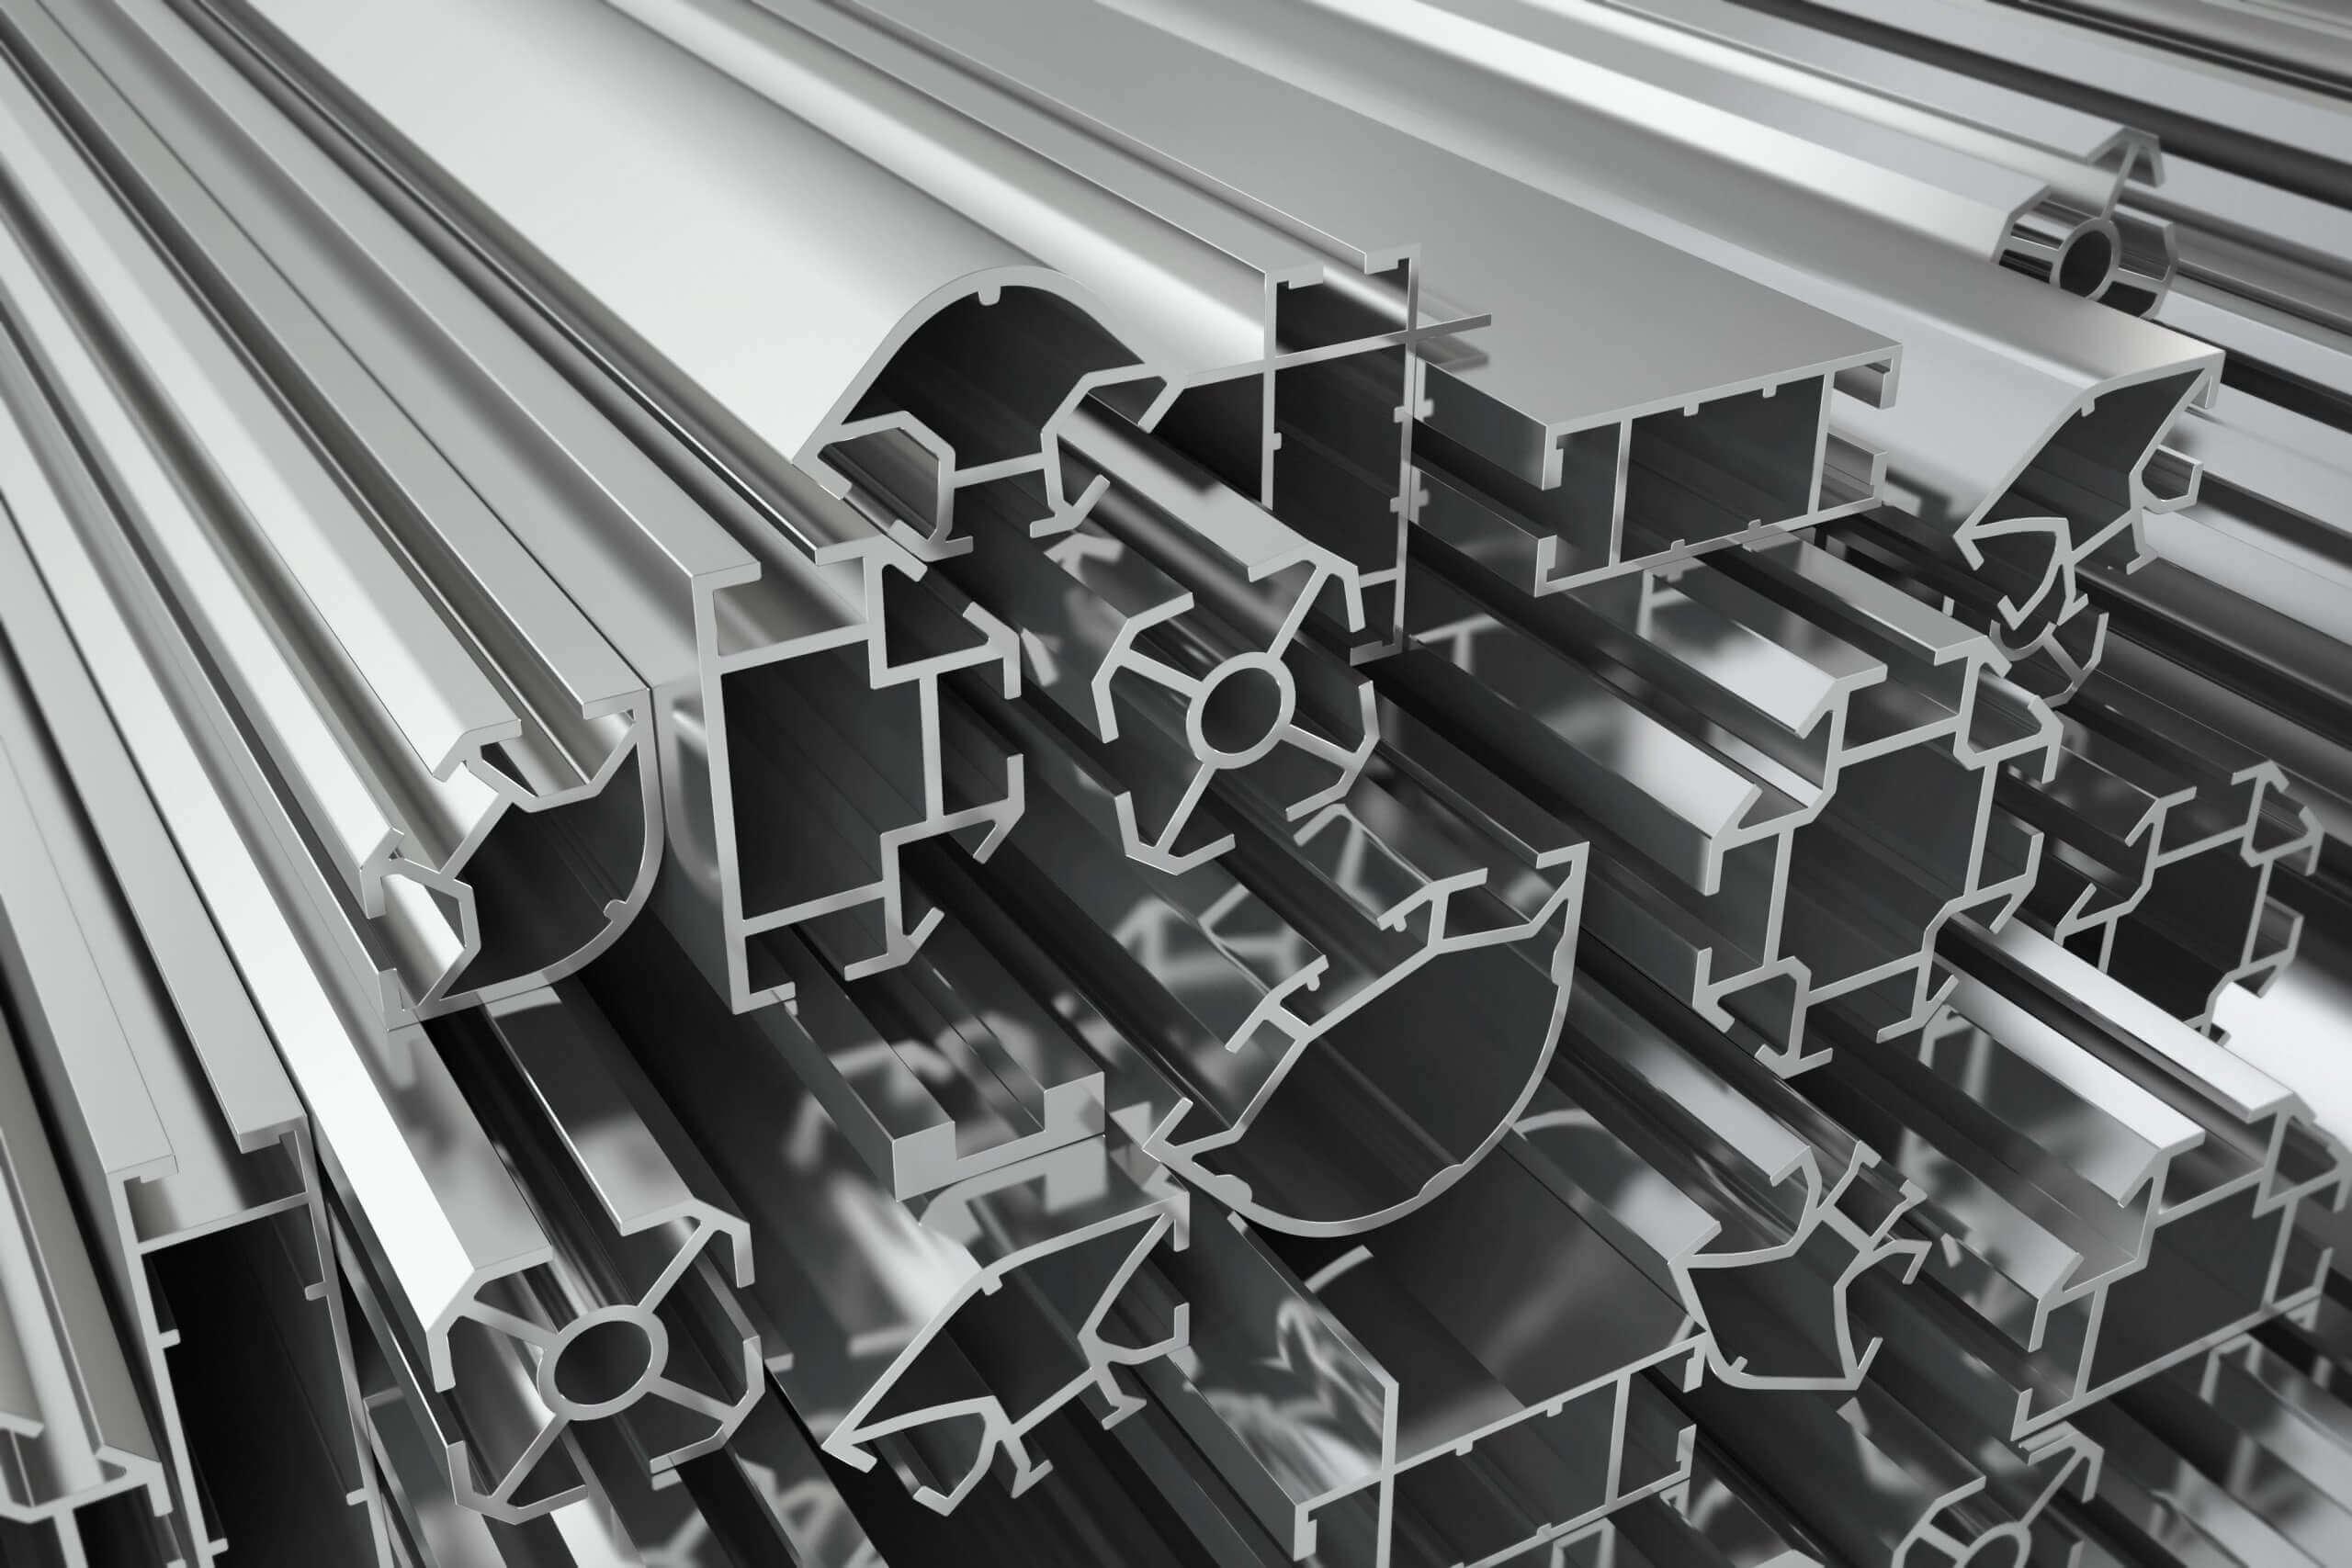 Aluminum profiles before shredding